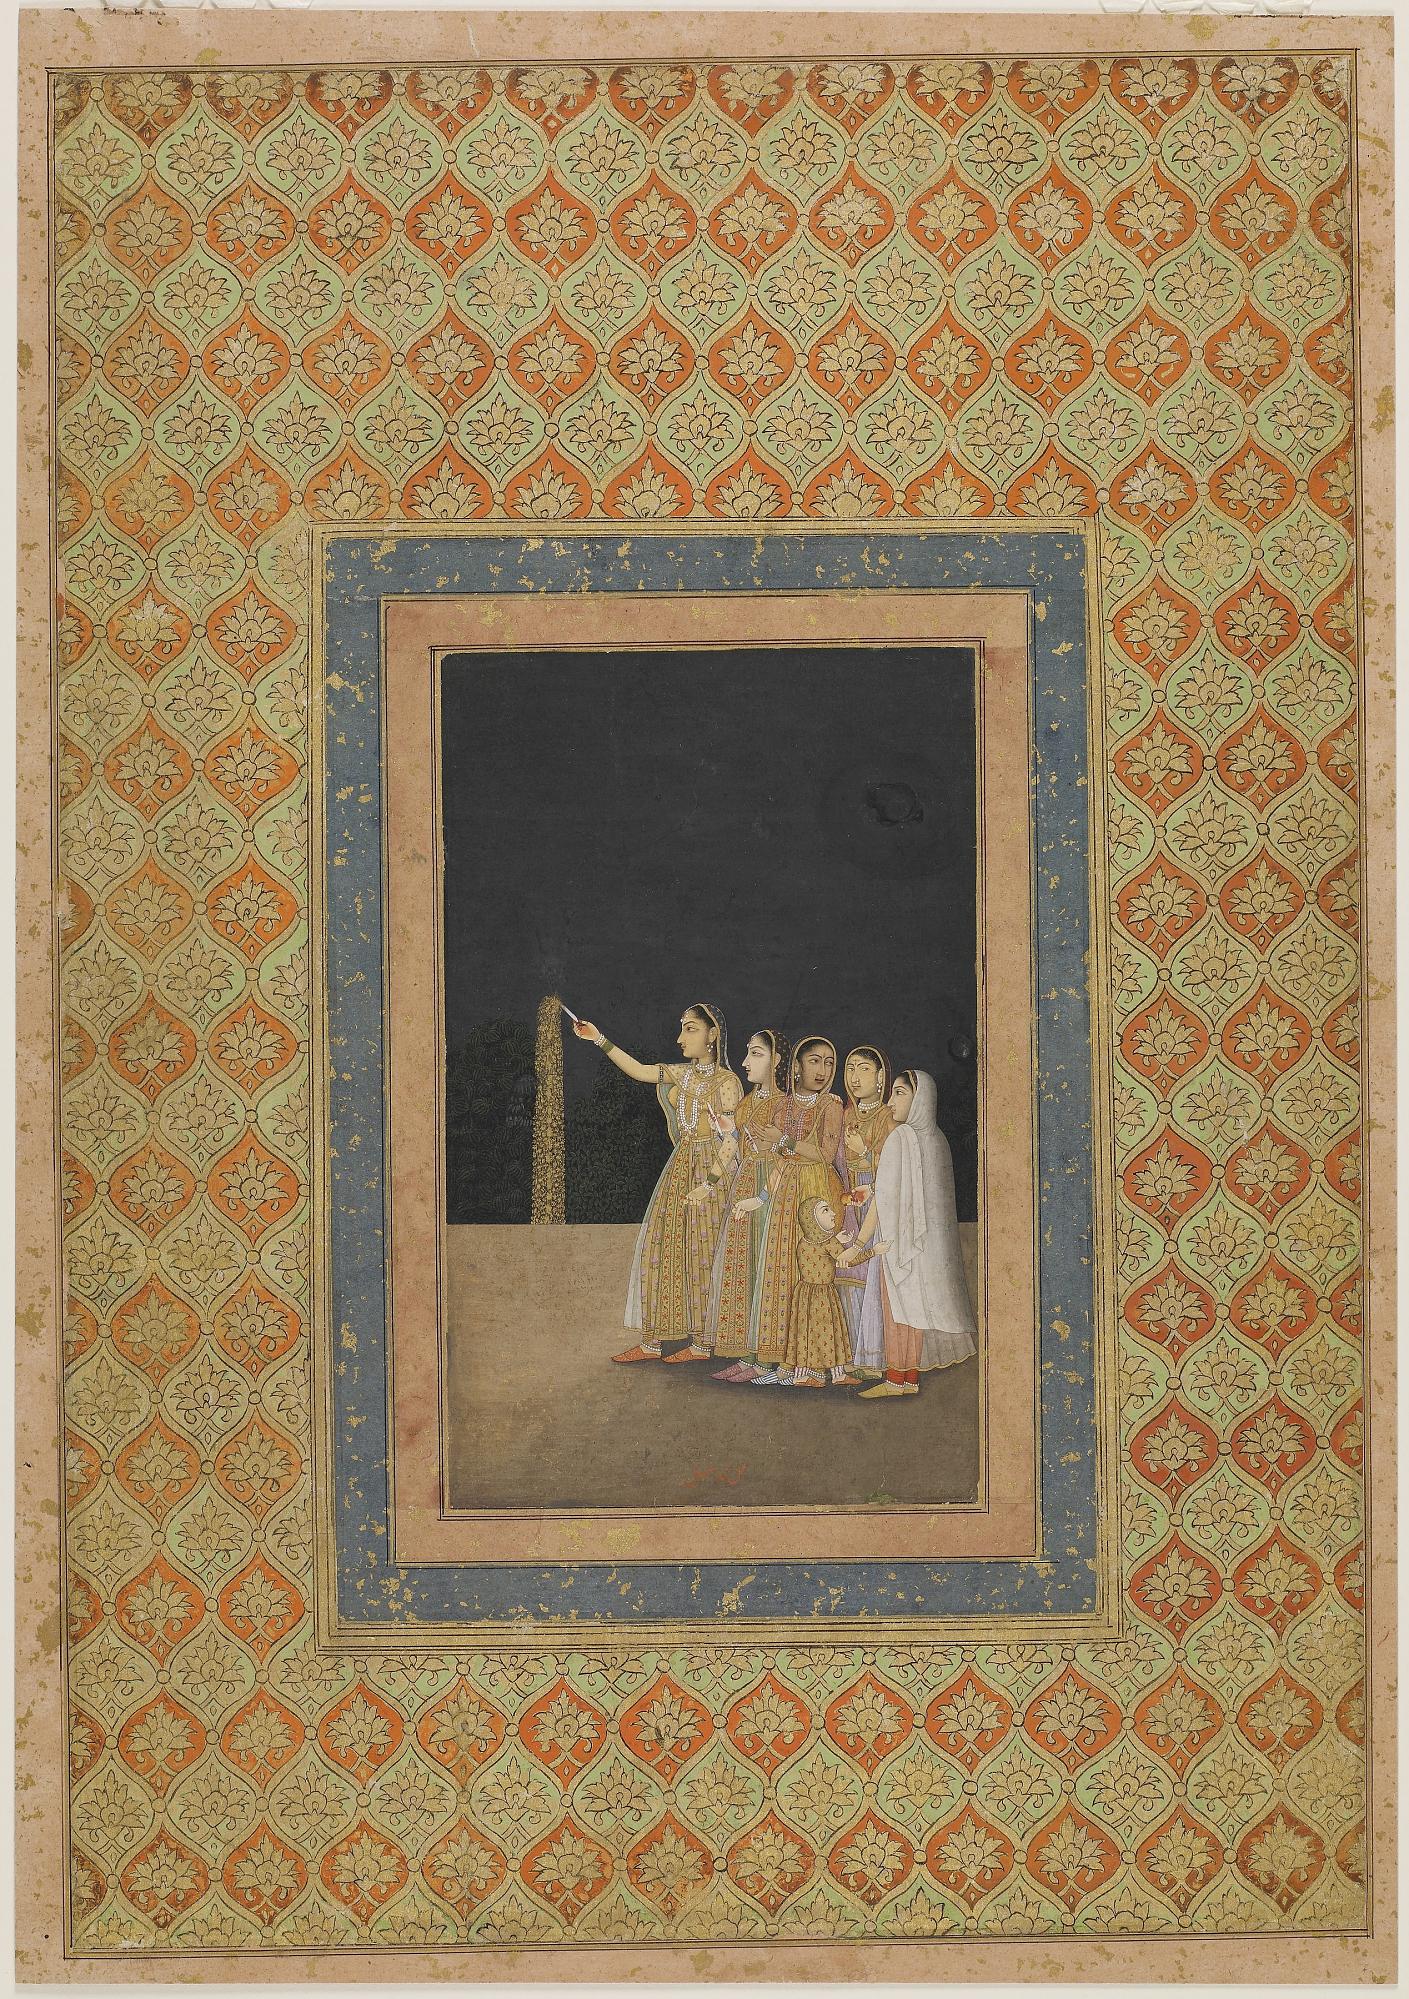 मुहम्मद अफजल के महल में पटाखे चलाती हुई महिलाएं ( सन 1740-1780) | साभार - फ्रीअर गैलरी ऑफ आर्ट